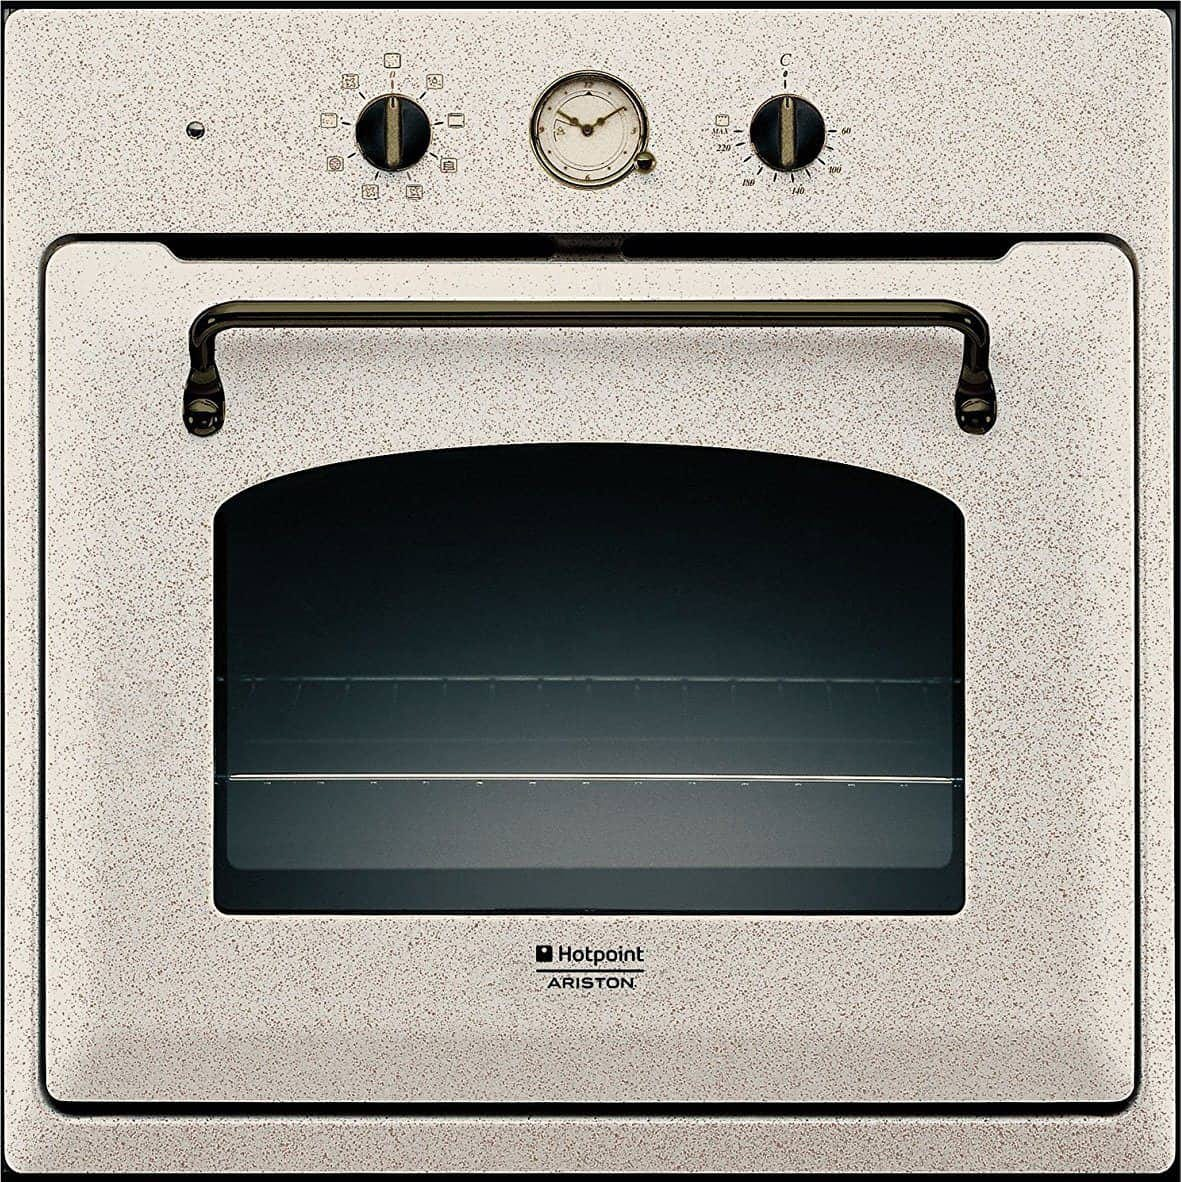 Forno ariston ft 850 1 av ha serie tradizione forno - Forno elettrico ventilato da incasso prezzi ...